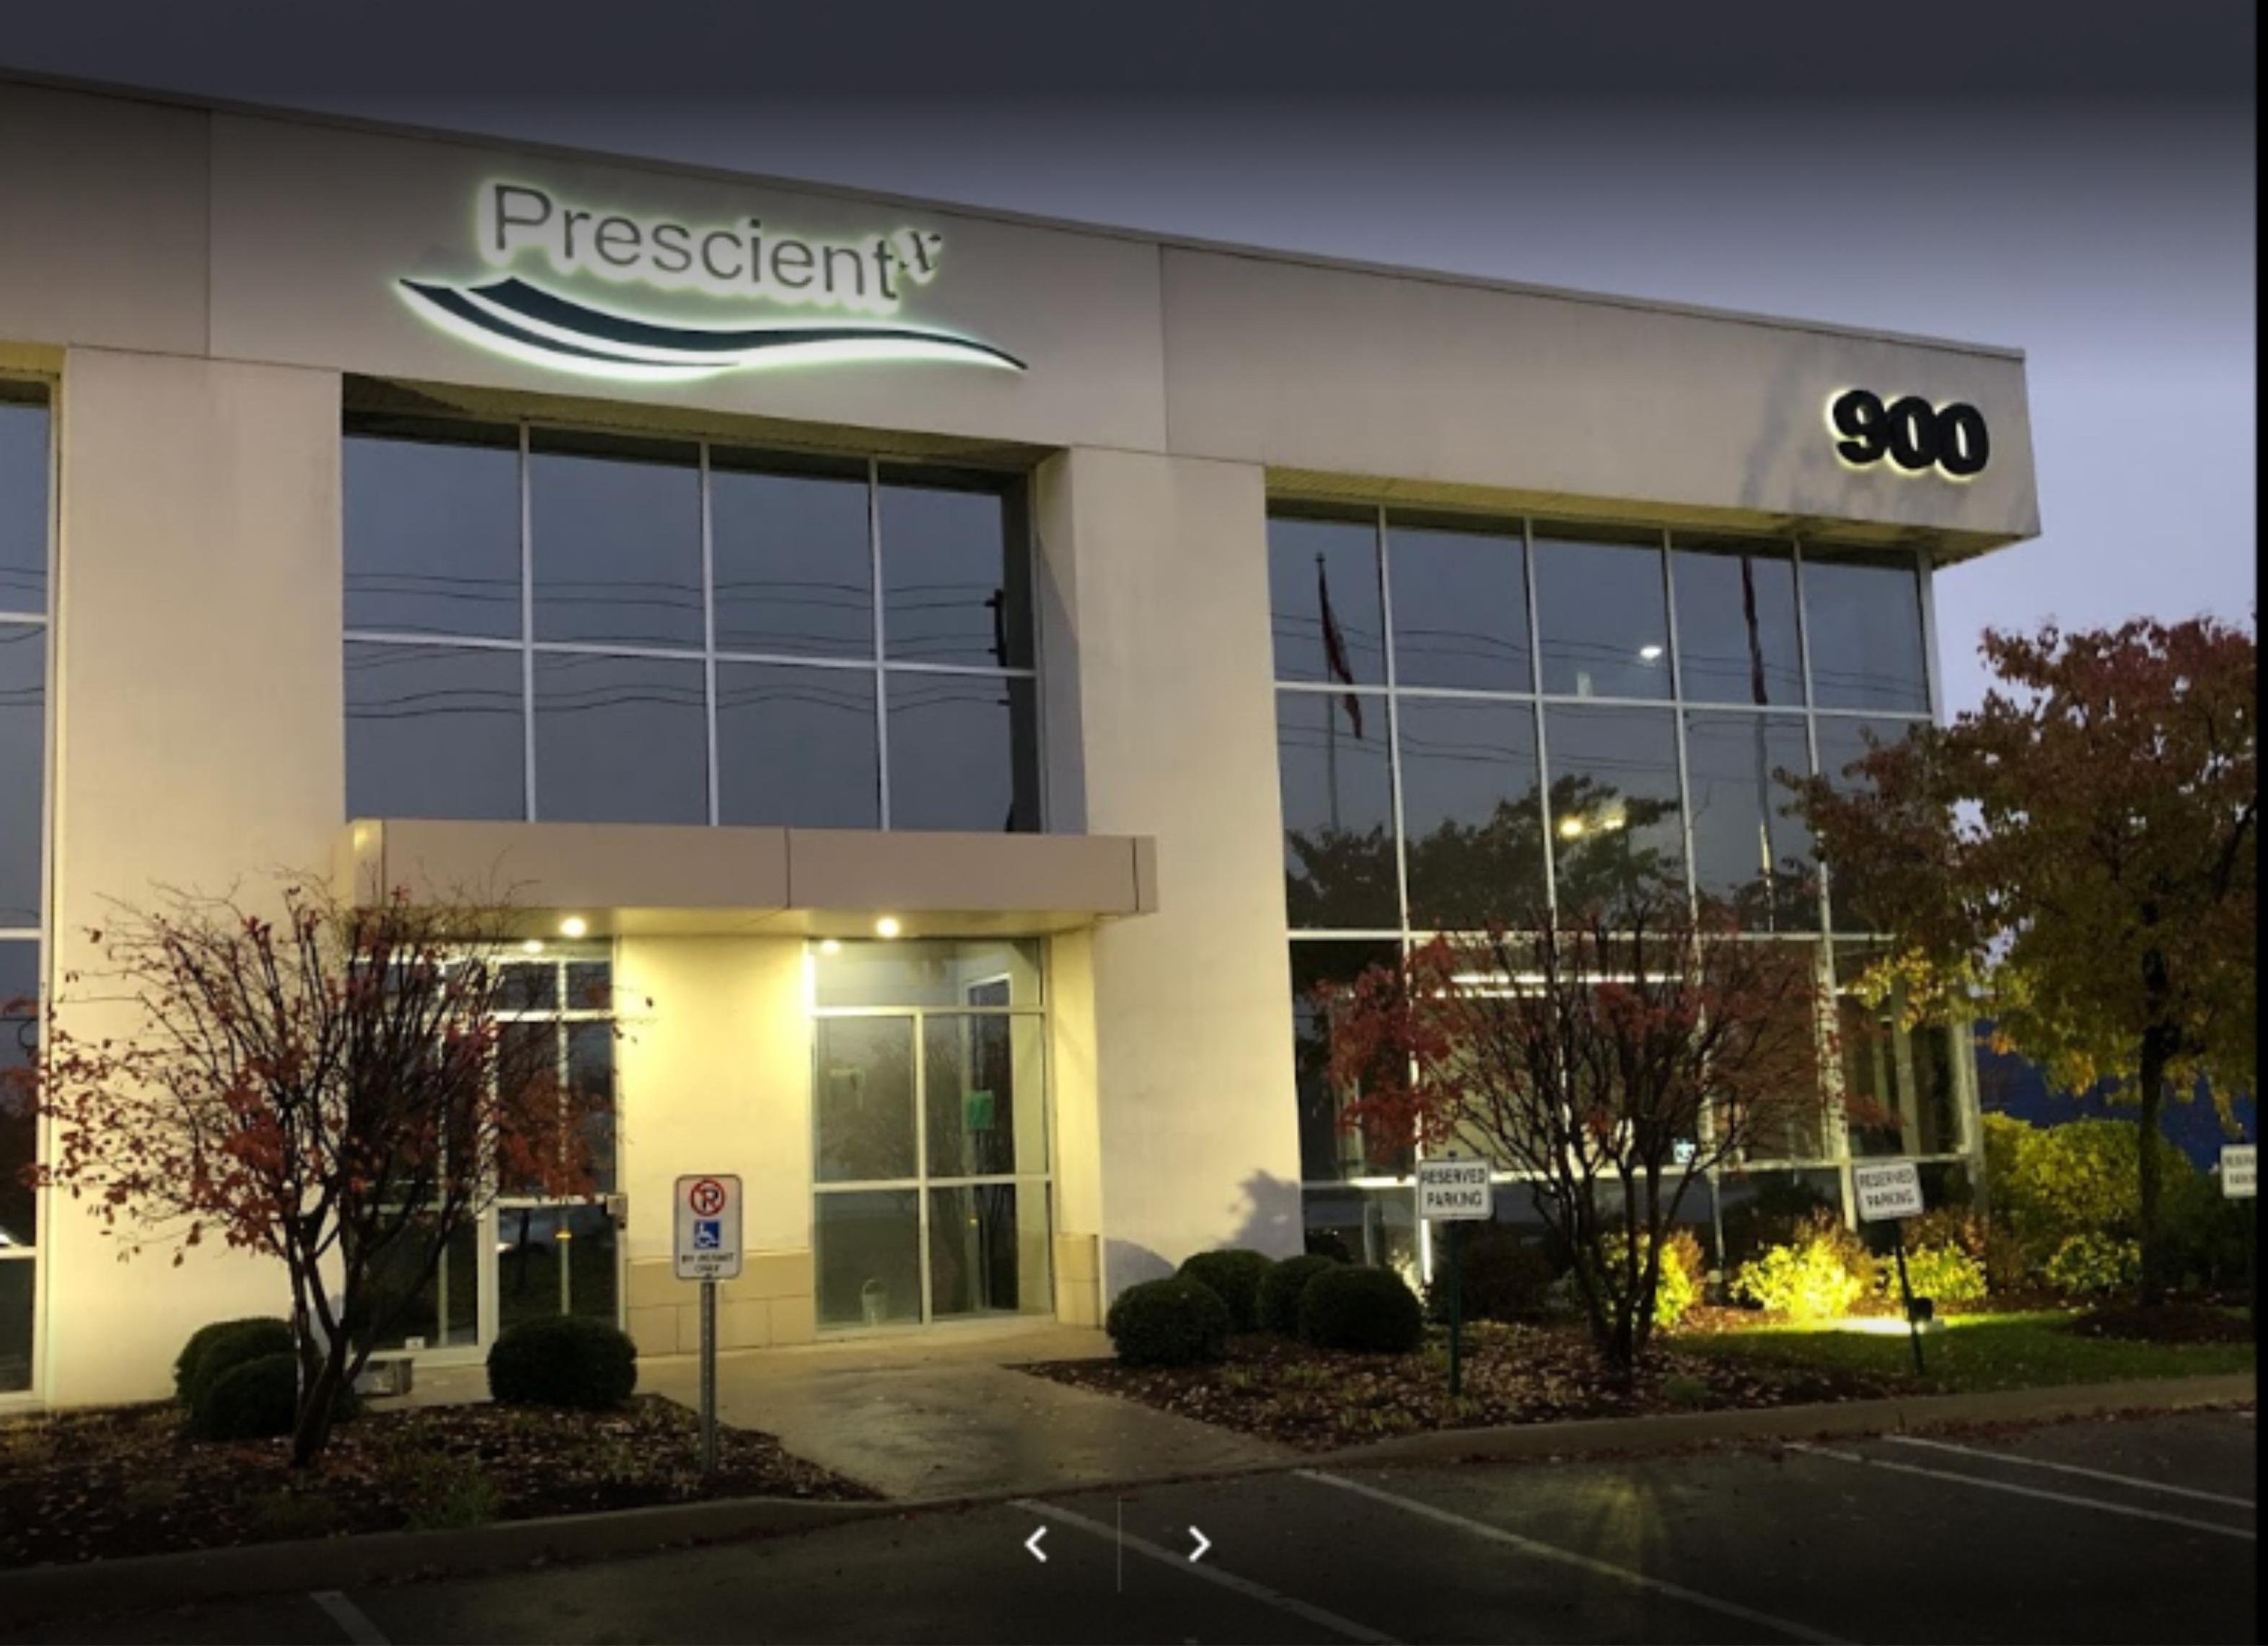 Prescientx Building